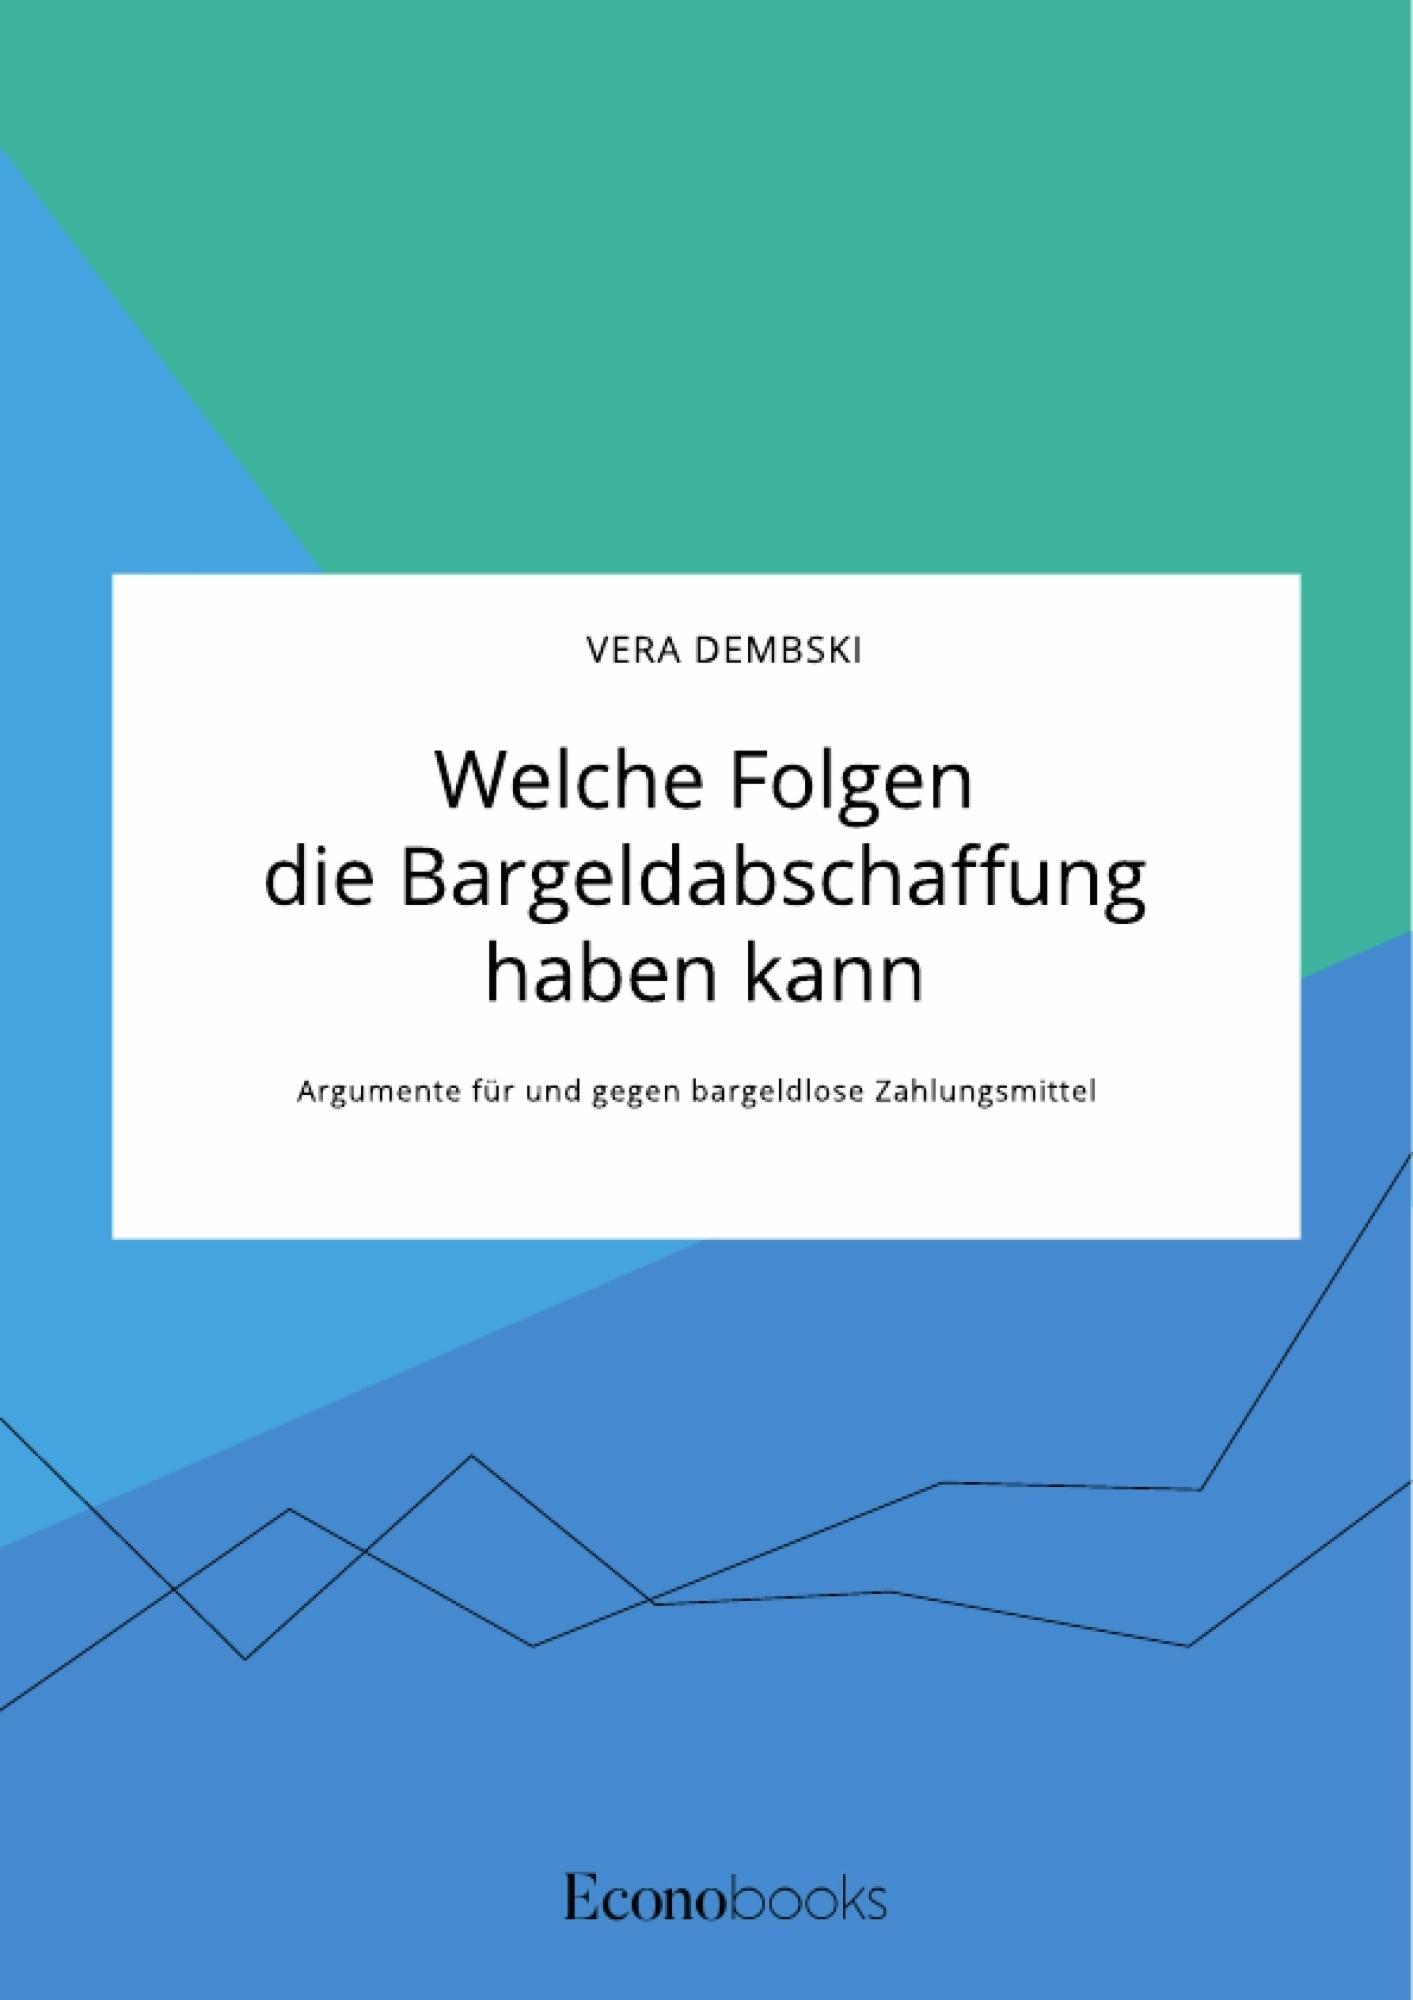 Titel: Welche Folgen die Bargeldabschaffung haben kann. Argumente für und gegen bargeldlose Zahlungsmittel